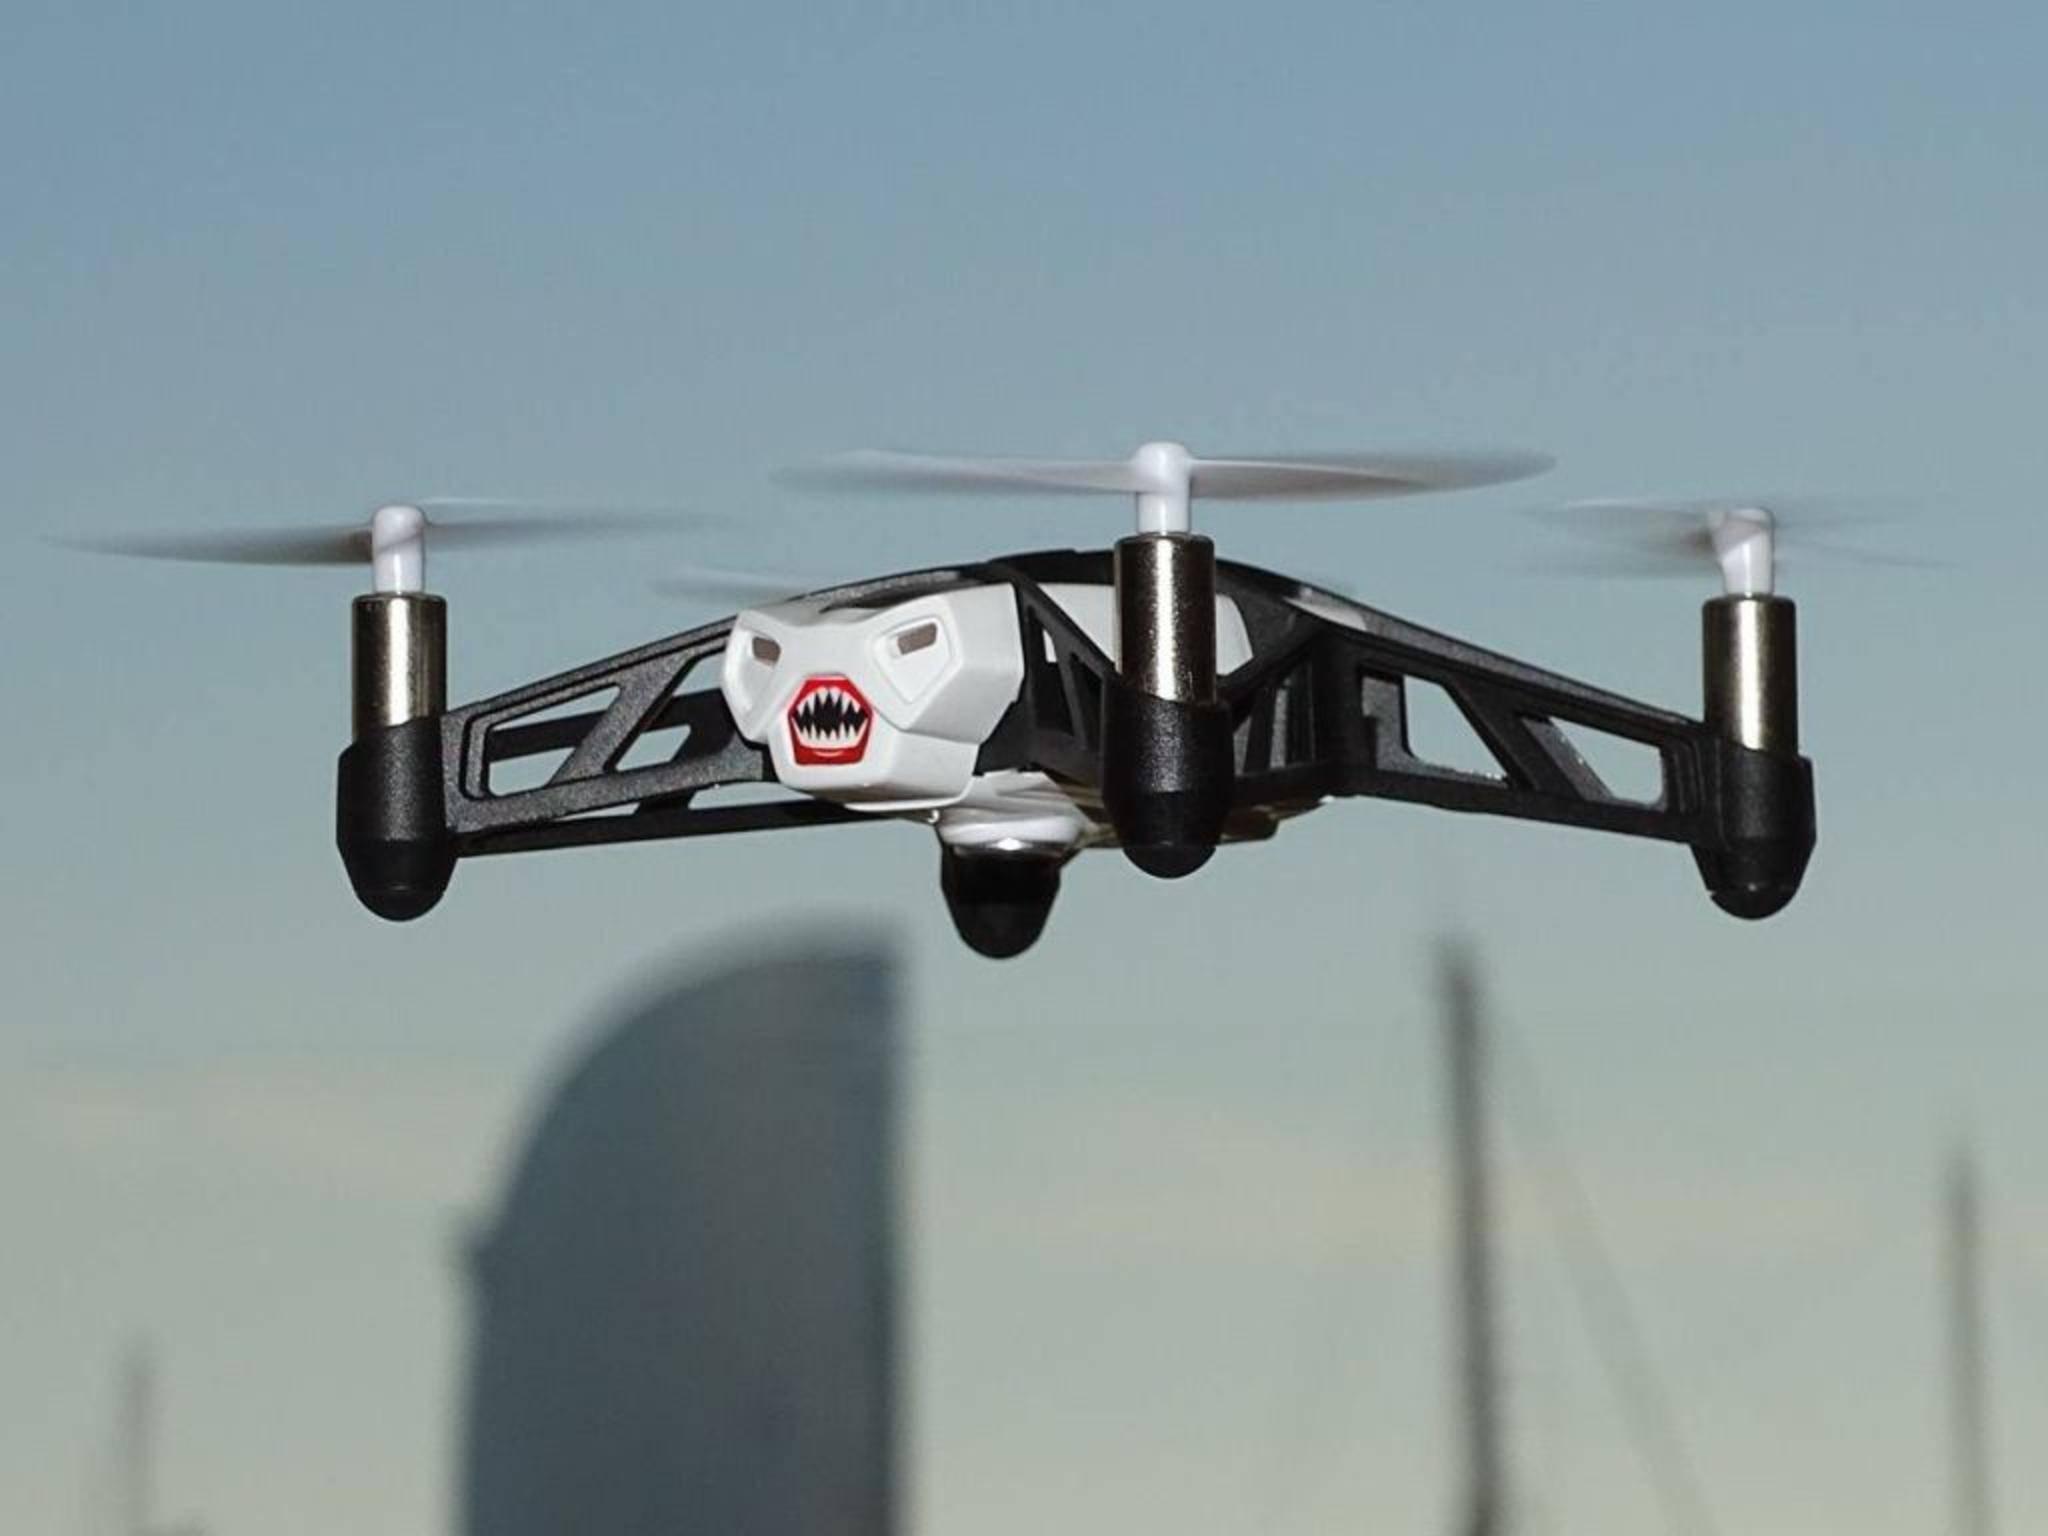 Sie sieht aggressiv aus, aber gefährdet sie auch die Privatsphäre? Eine Drohne im Einsatz.